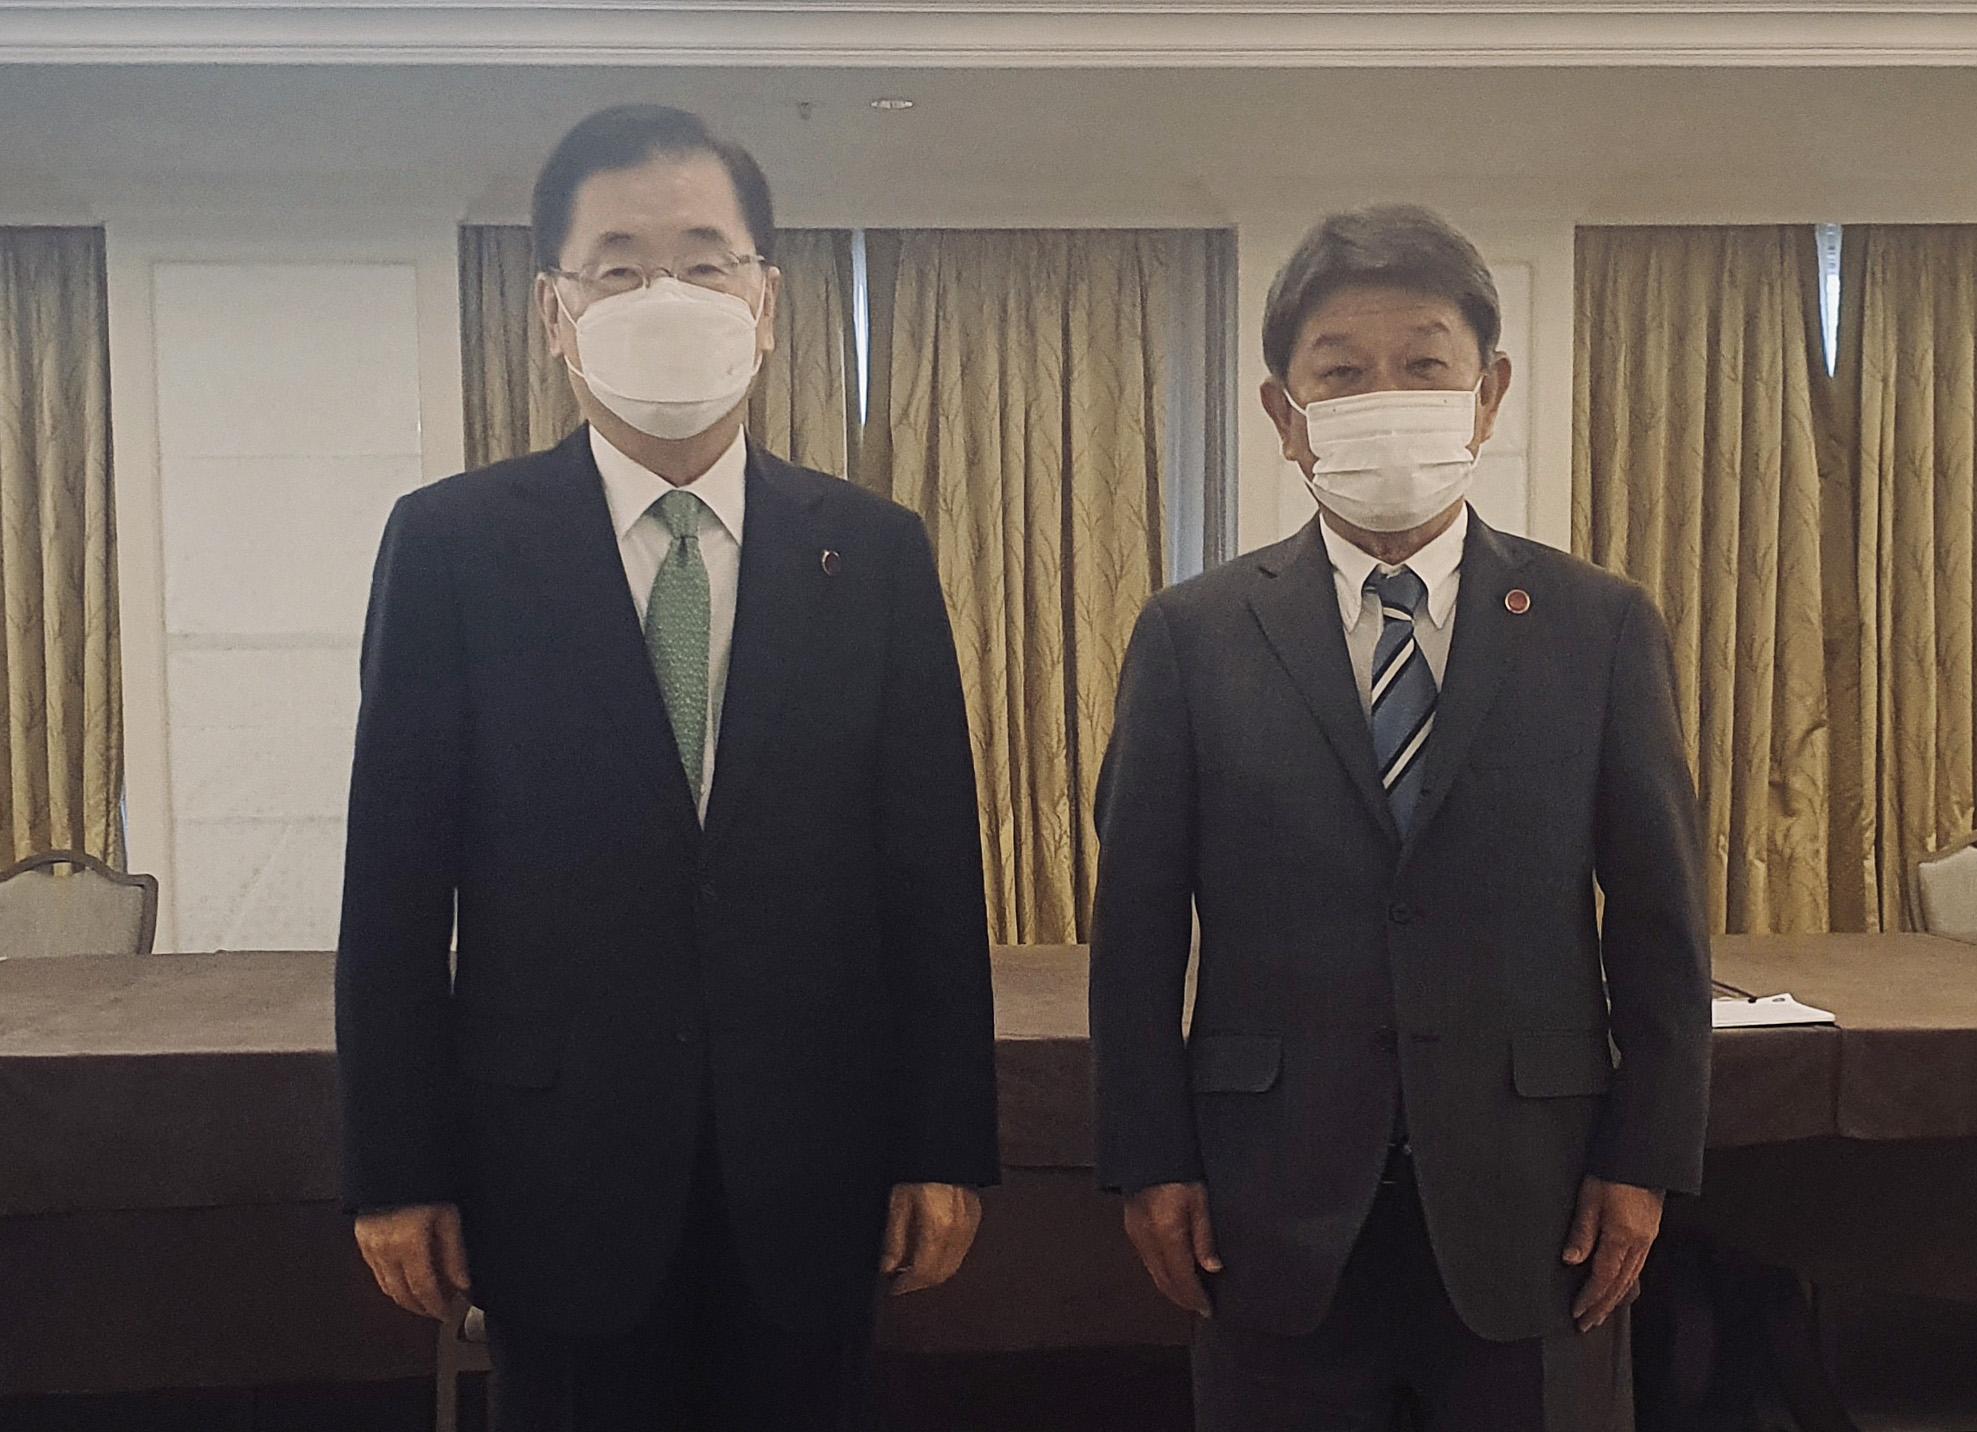 정의용 외교부 장관(왼쪽)과 모테기 도시미쓰(茂木敏充) 일본 외무상이 5일 영국 런던에서 한일 외교장관 회담을 하고 기념사진을 위해 포즈를 취하고 있다. 사진 외교부